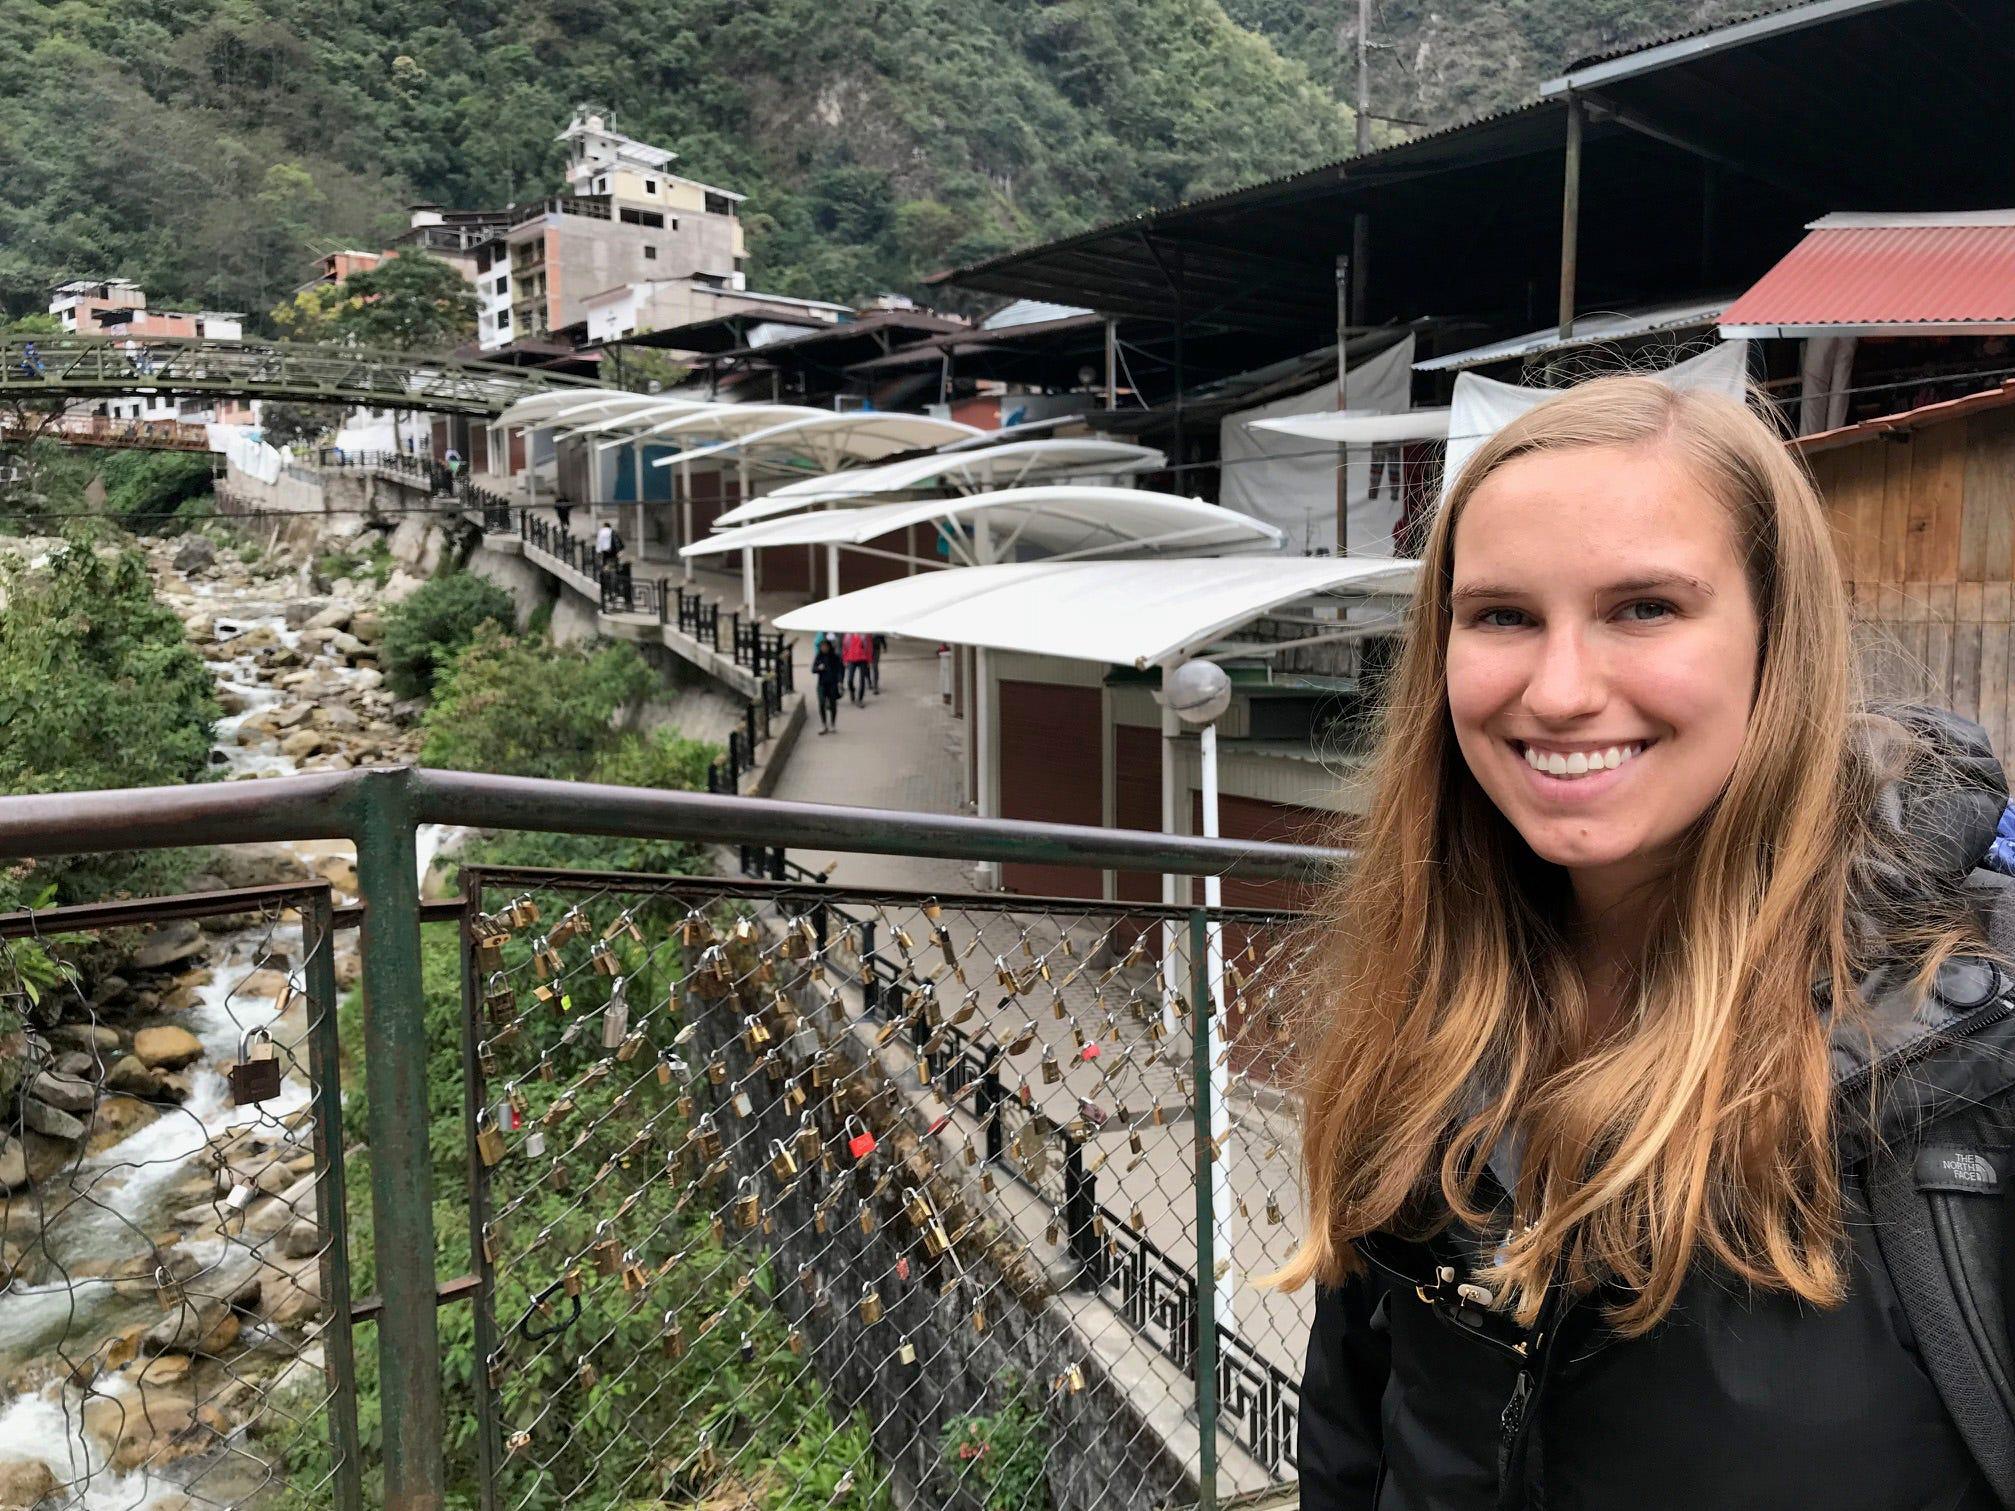 Elliott Grantz in the town of Machu Picchu Pueblo at the base of Machu Picchu